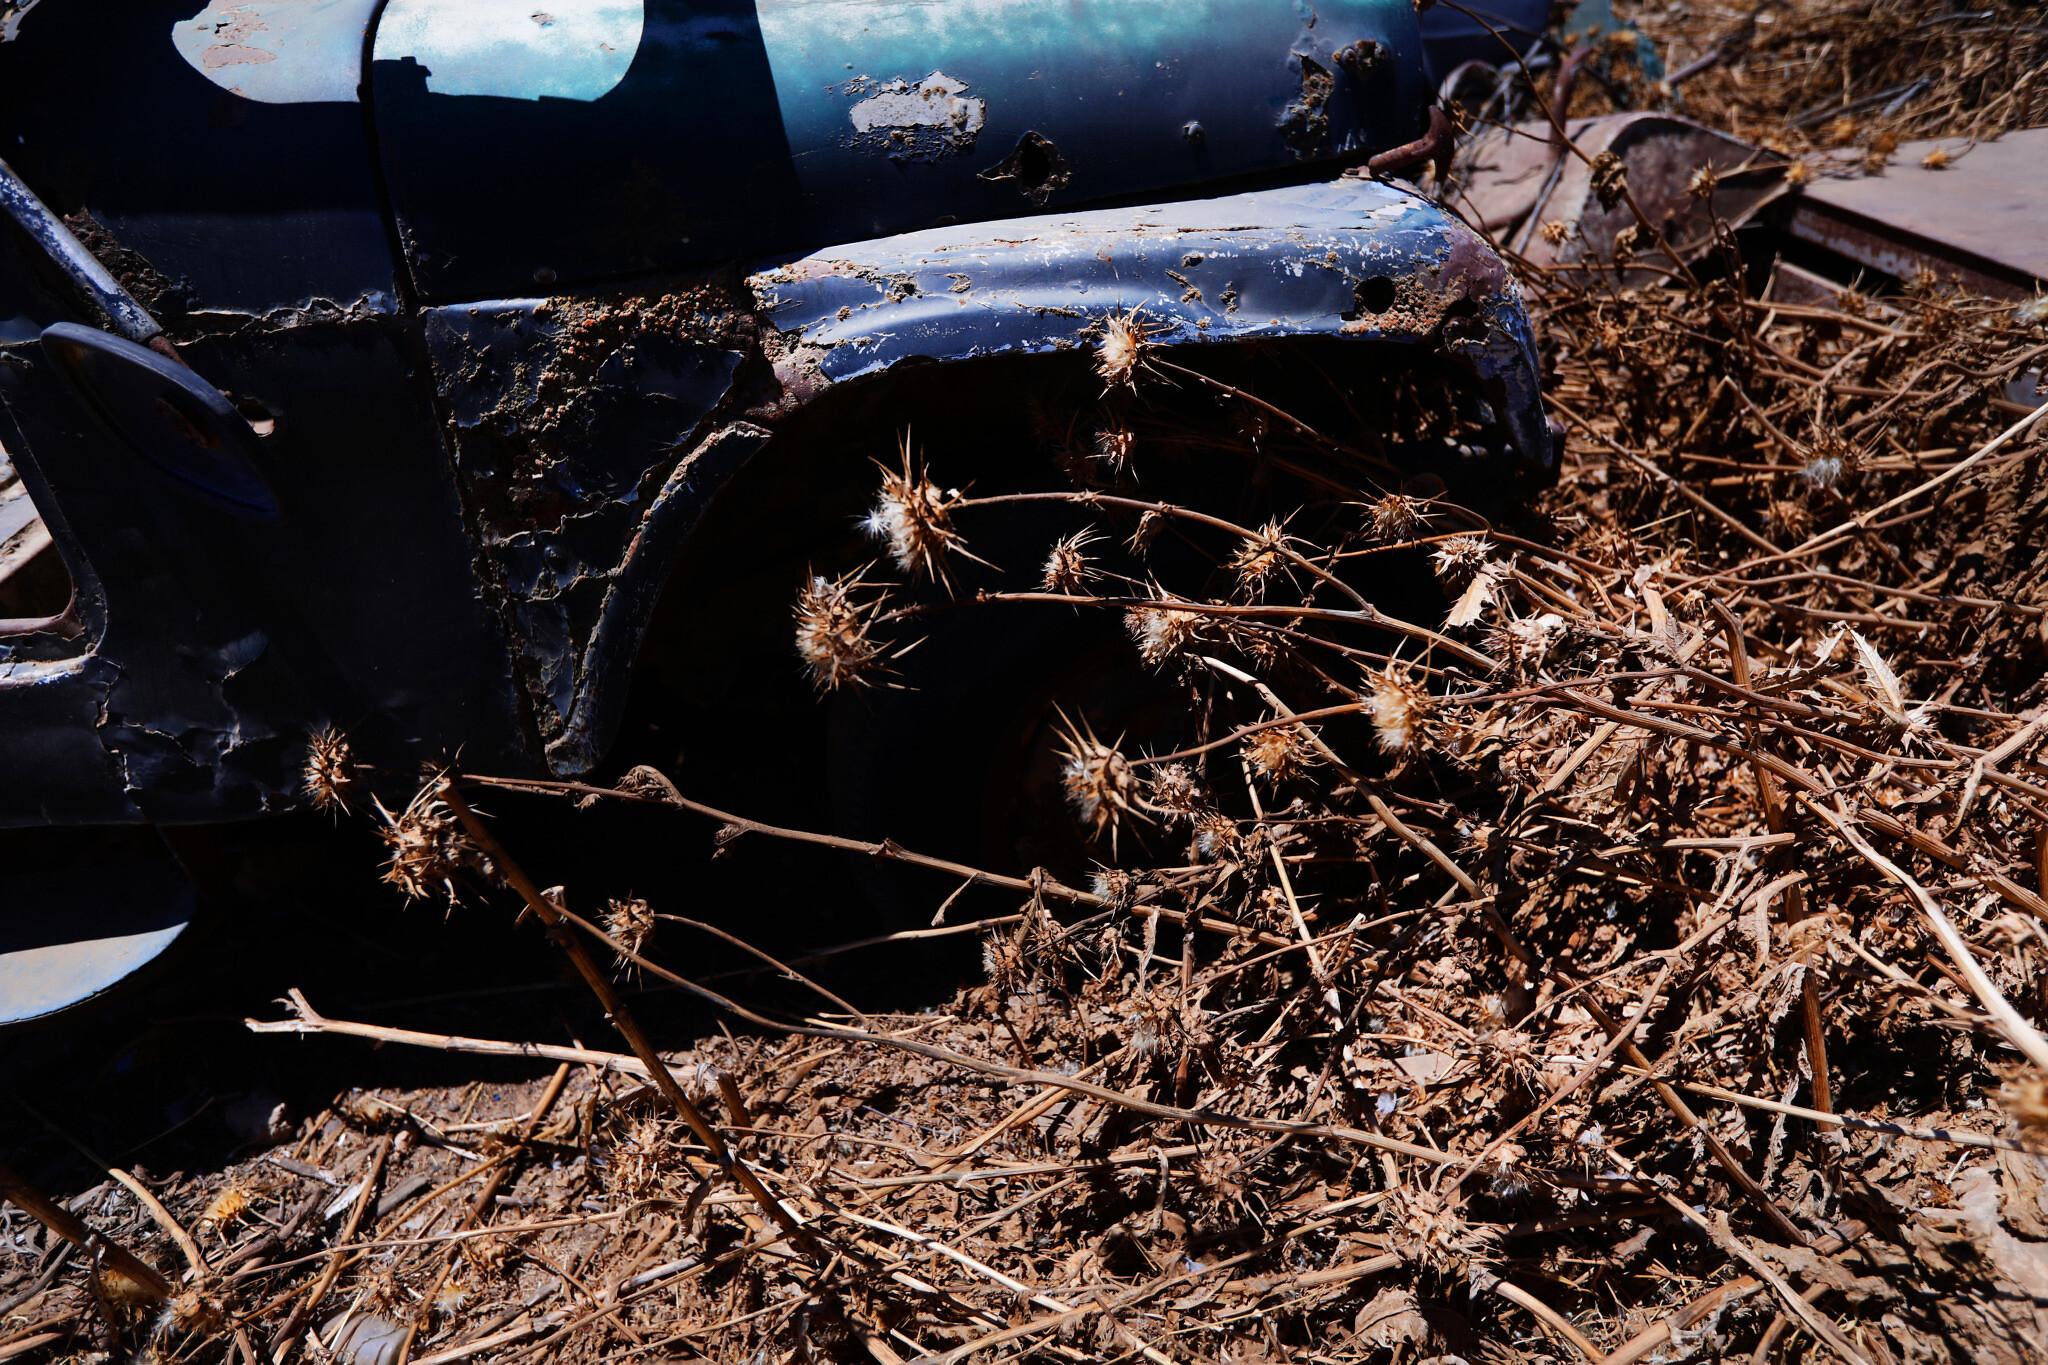 גרוטאת רכב בחוות טליה (צילום: אלדד רפאלי)